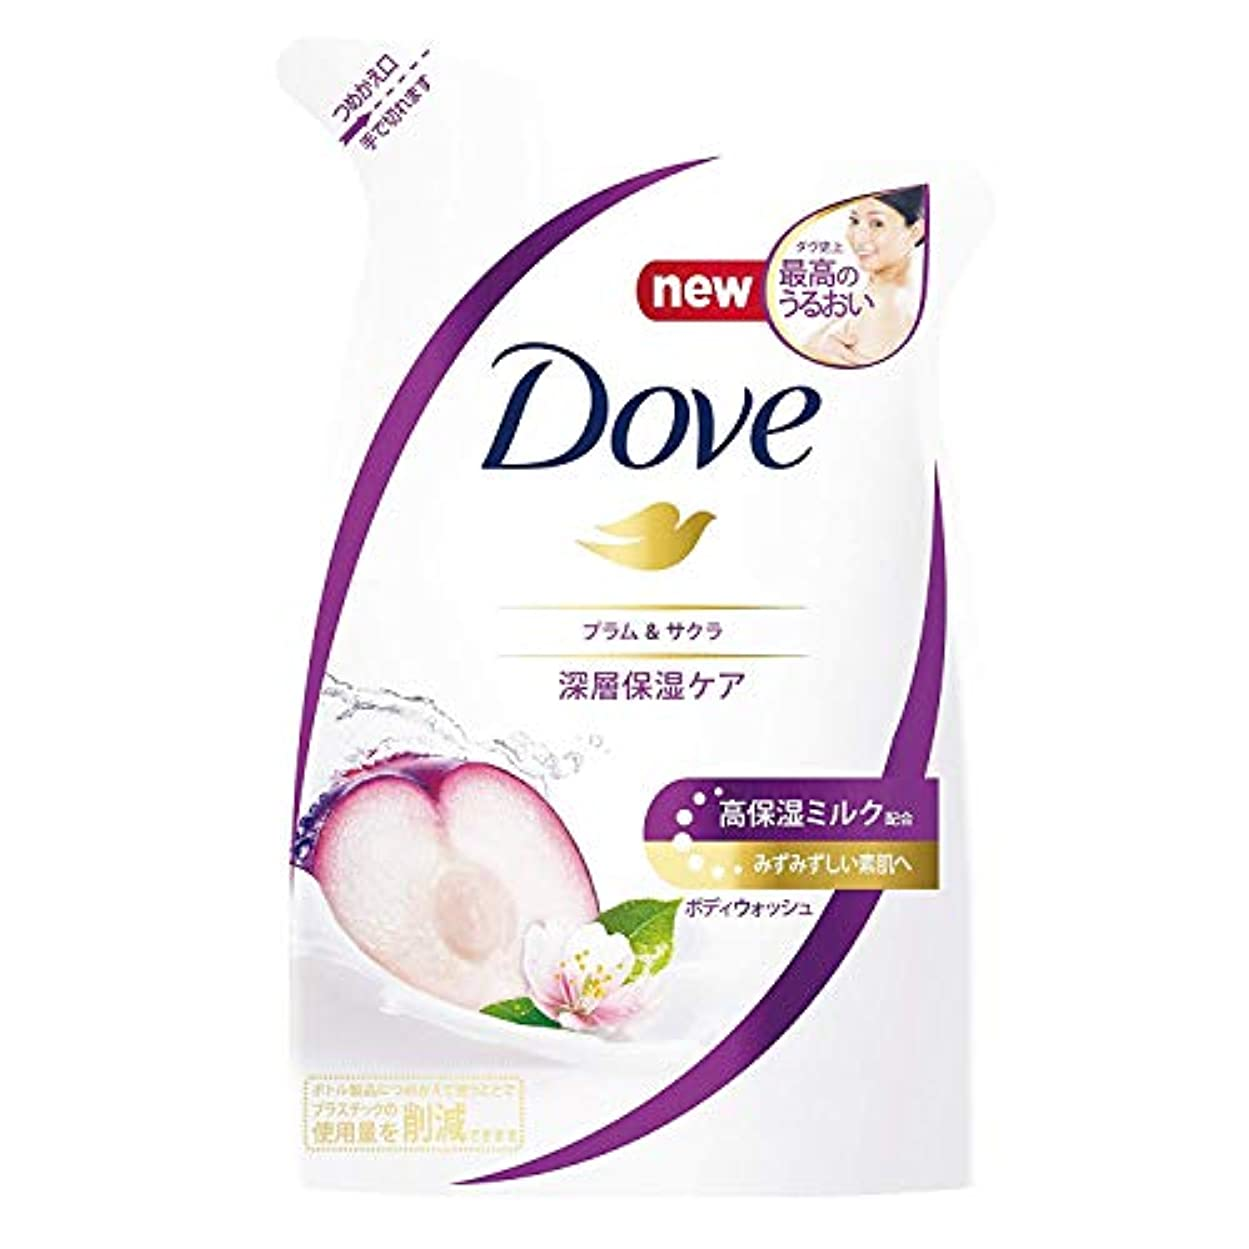 割り当てムス捨てる【2個セット】Dove ダヴ ボディウォッシュ プラム & サクラ つめかえ用 360g